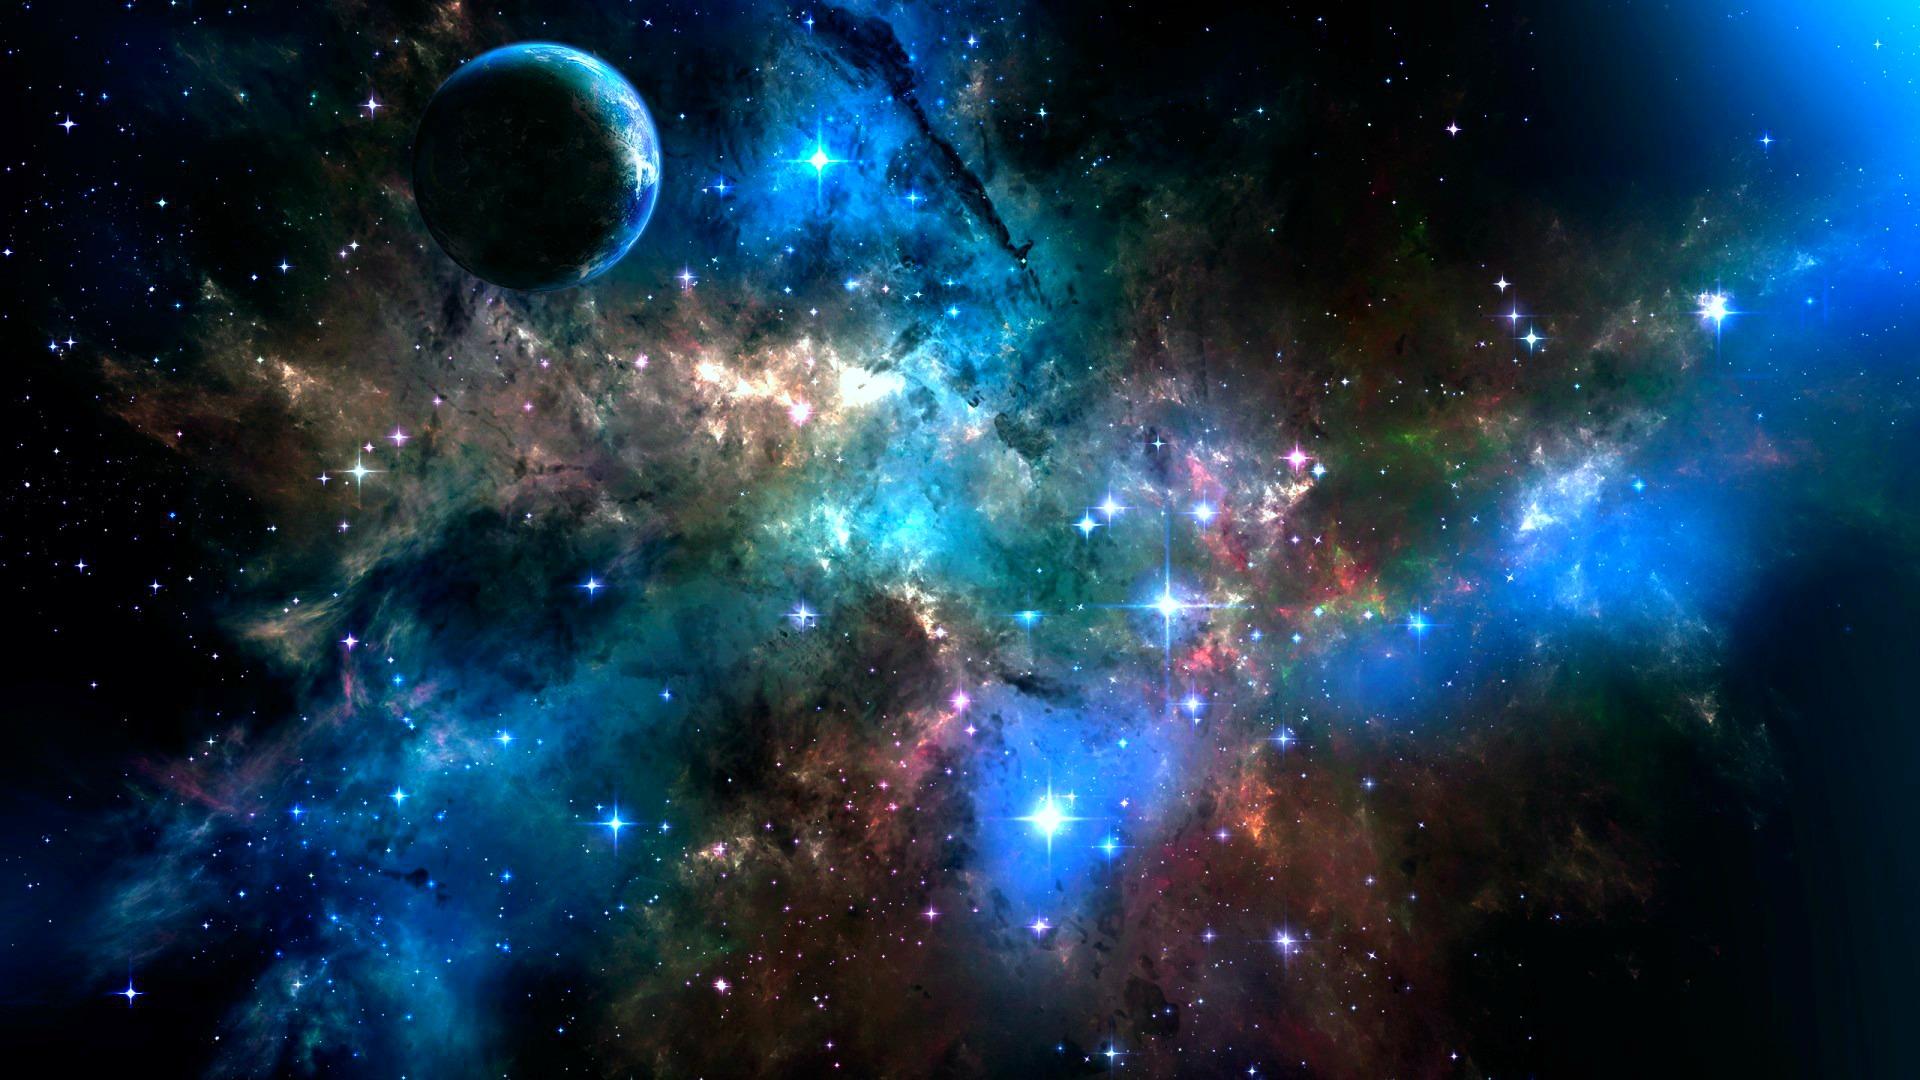 Шебби мастер, космос картинки онлайн